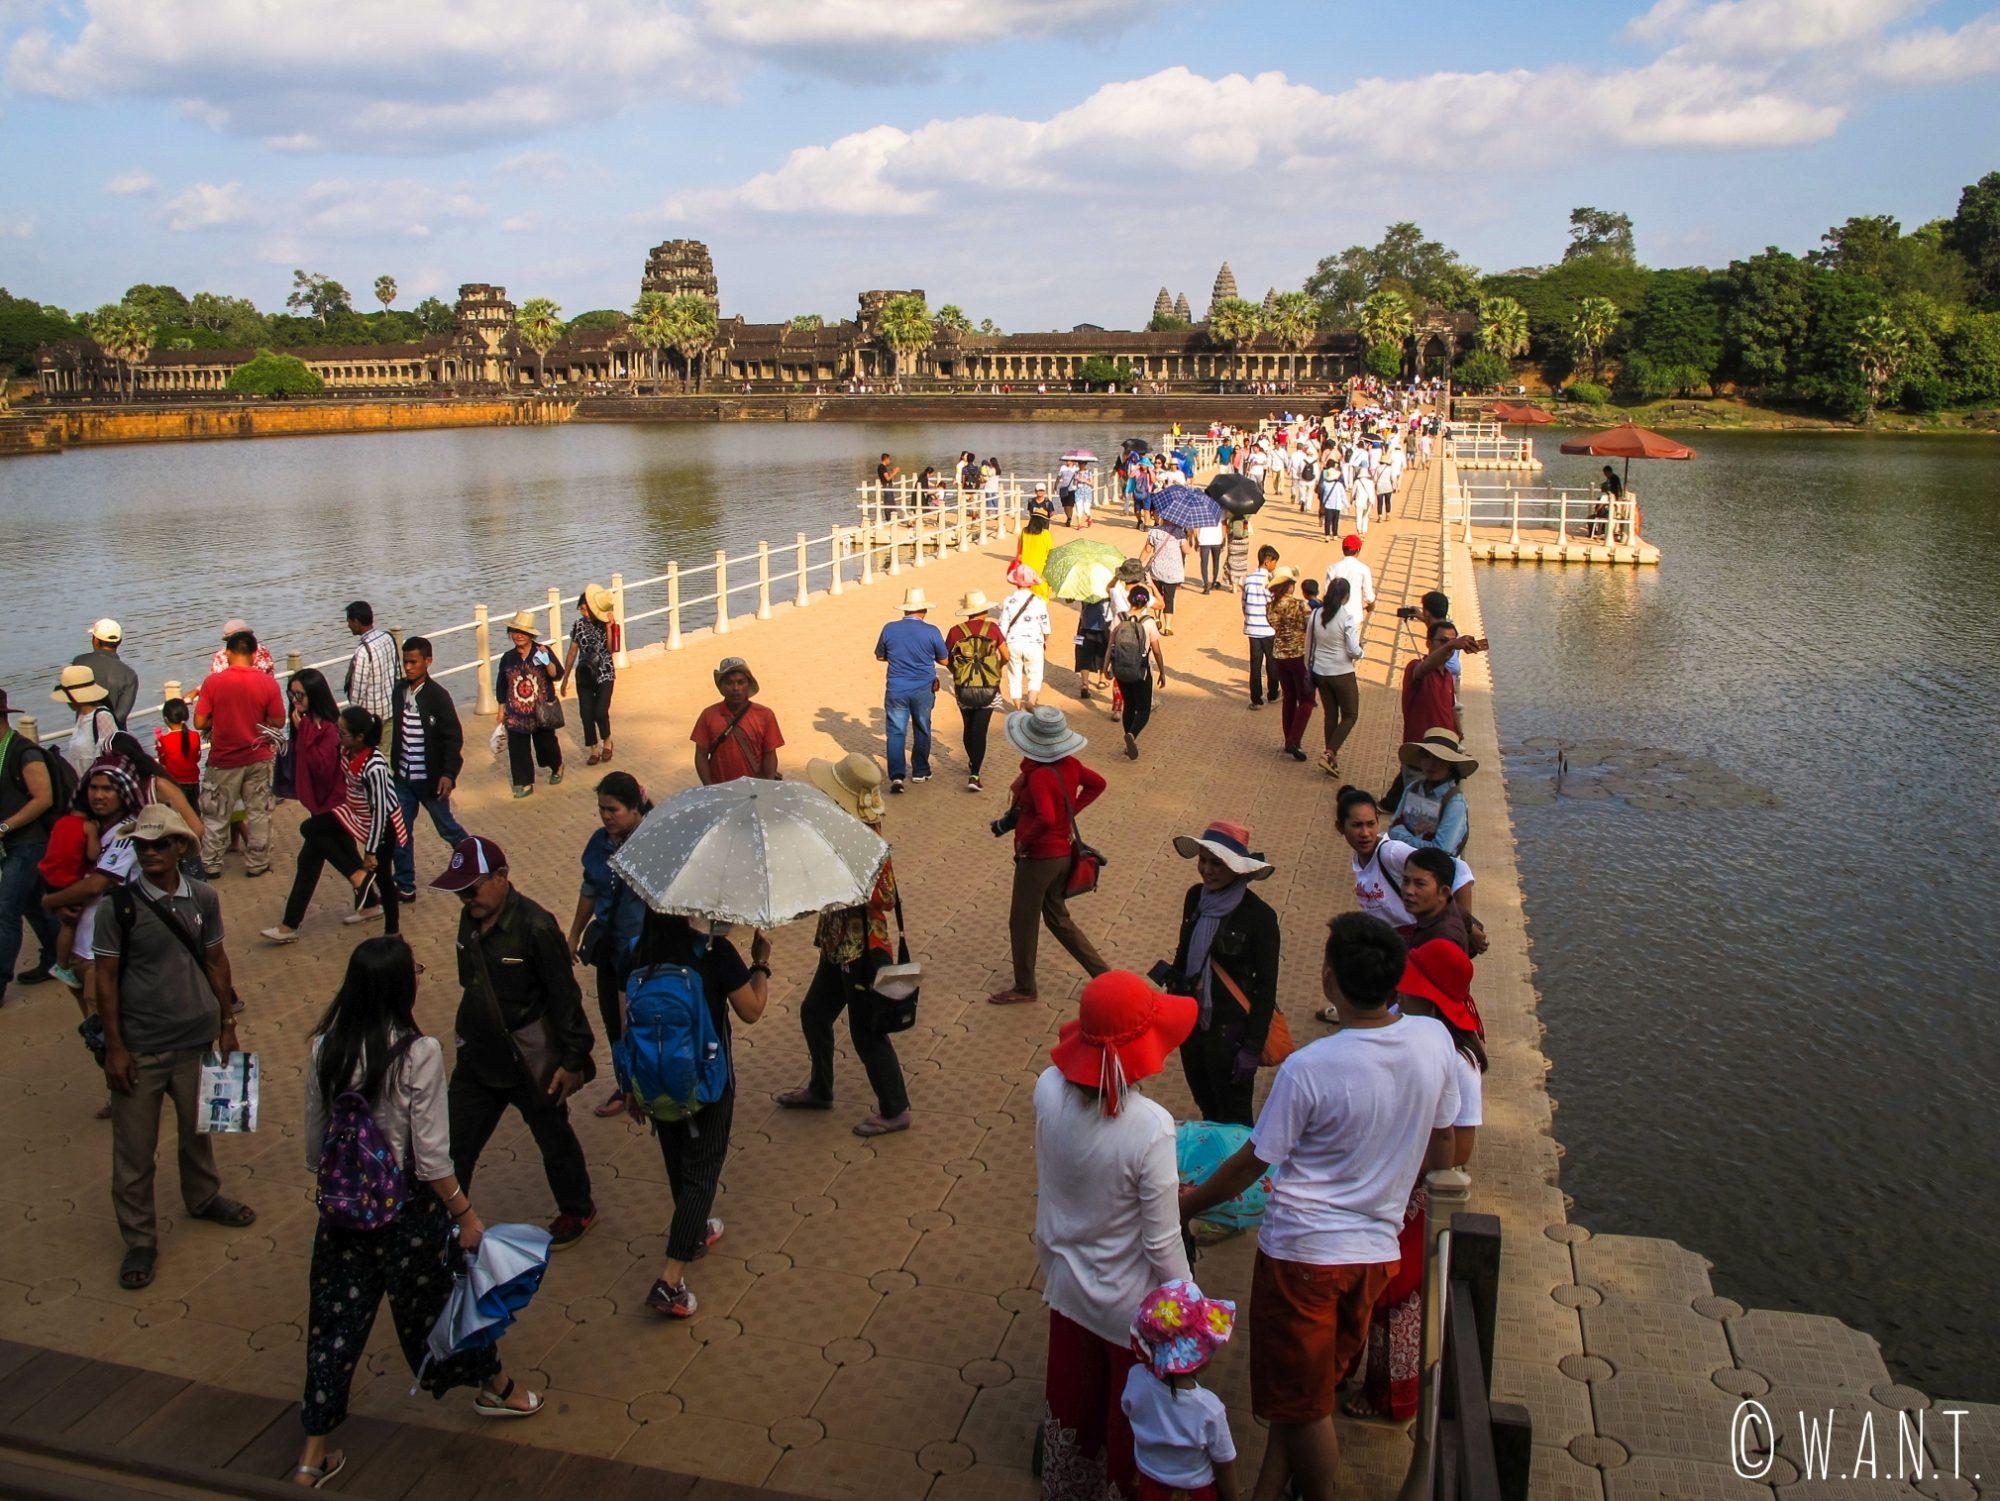 Foule sur le pont permettant l'accès à Angkor Wat